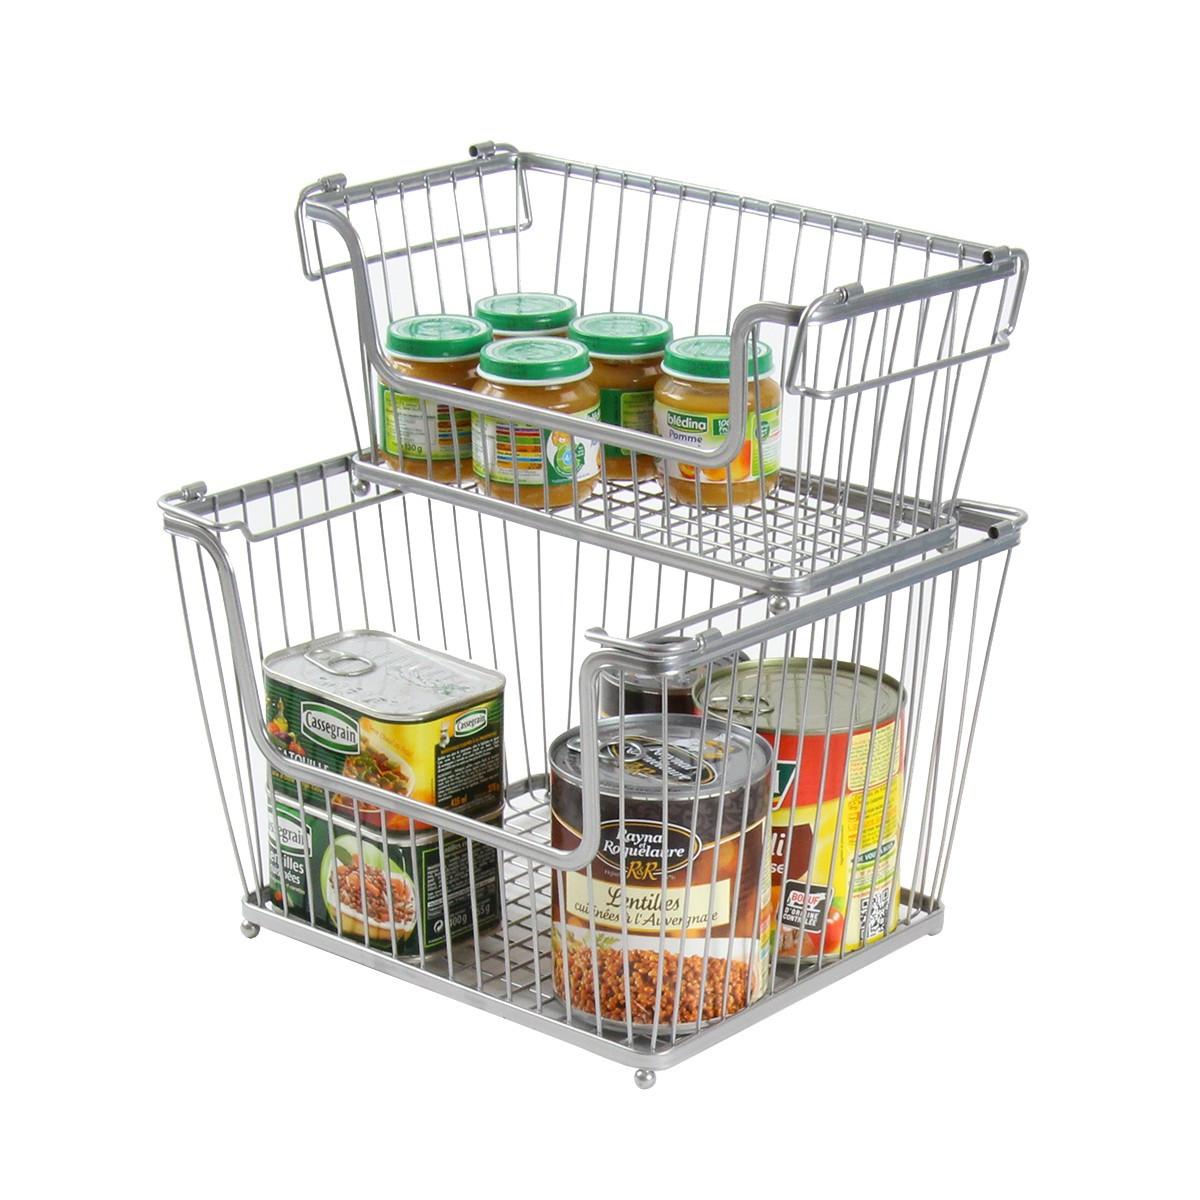 Panier m tal rectangulaire empilable rangement aliments - Caisse rangement plastique ikea ...